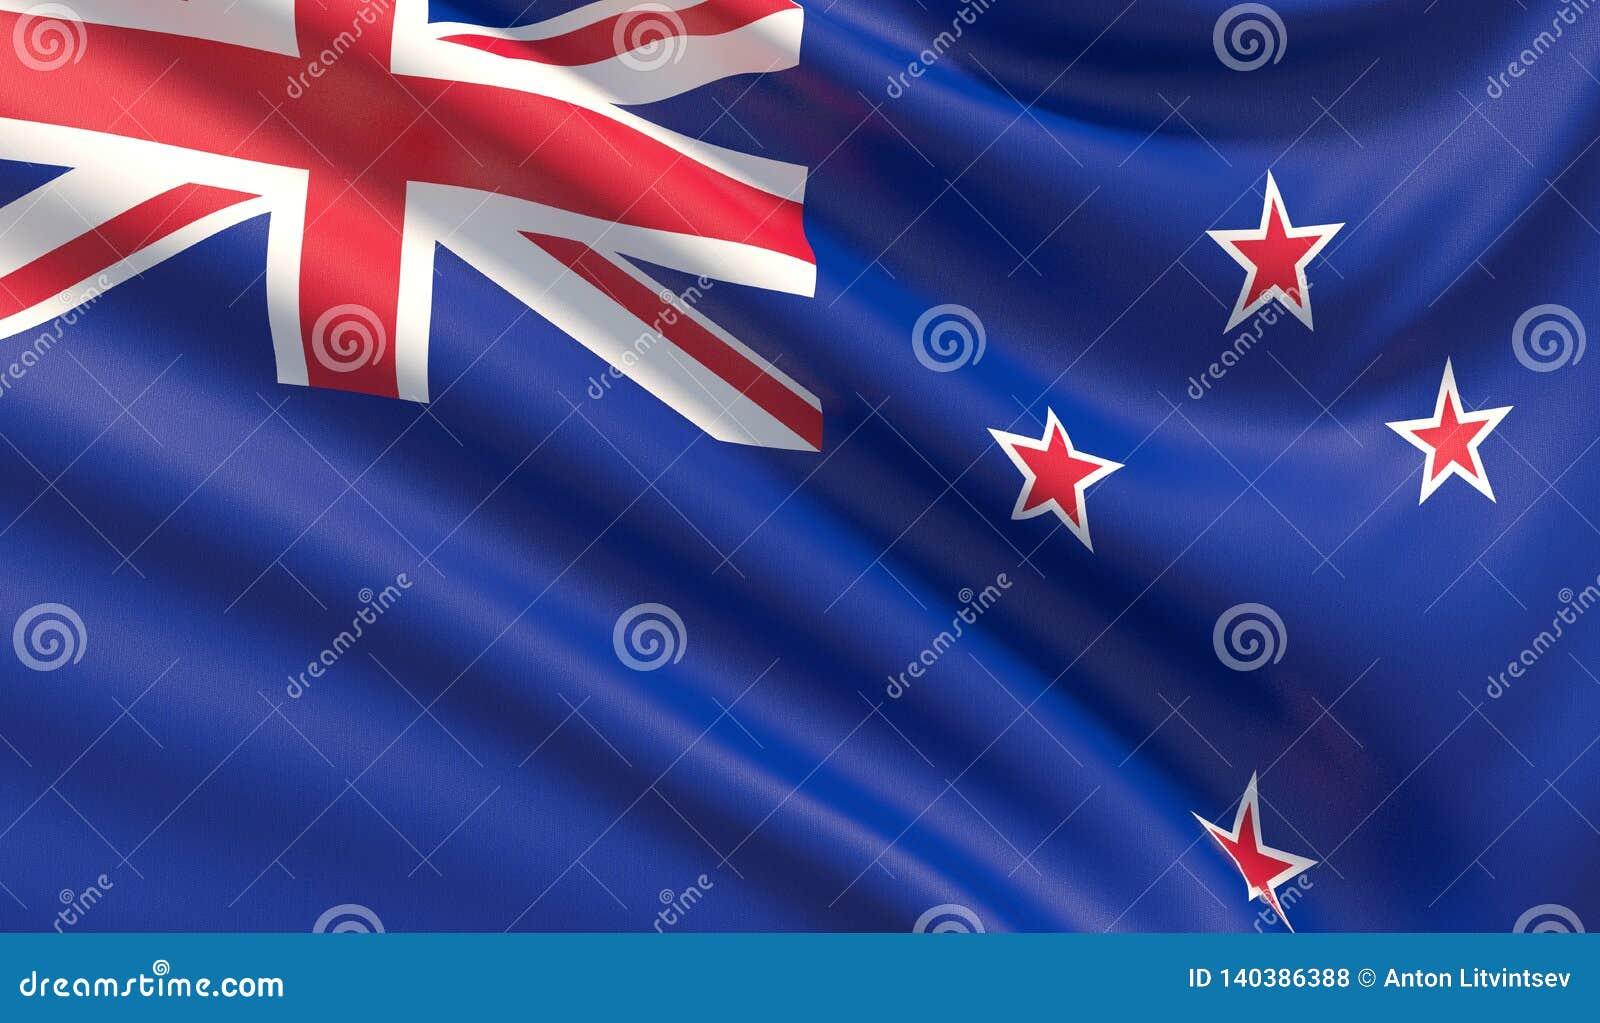 Indicador de Nueva Zelandia Textura altamente detallada agitada de la tela ilustración 3D